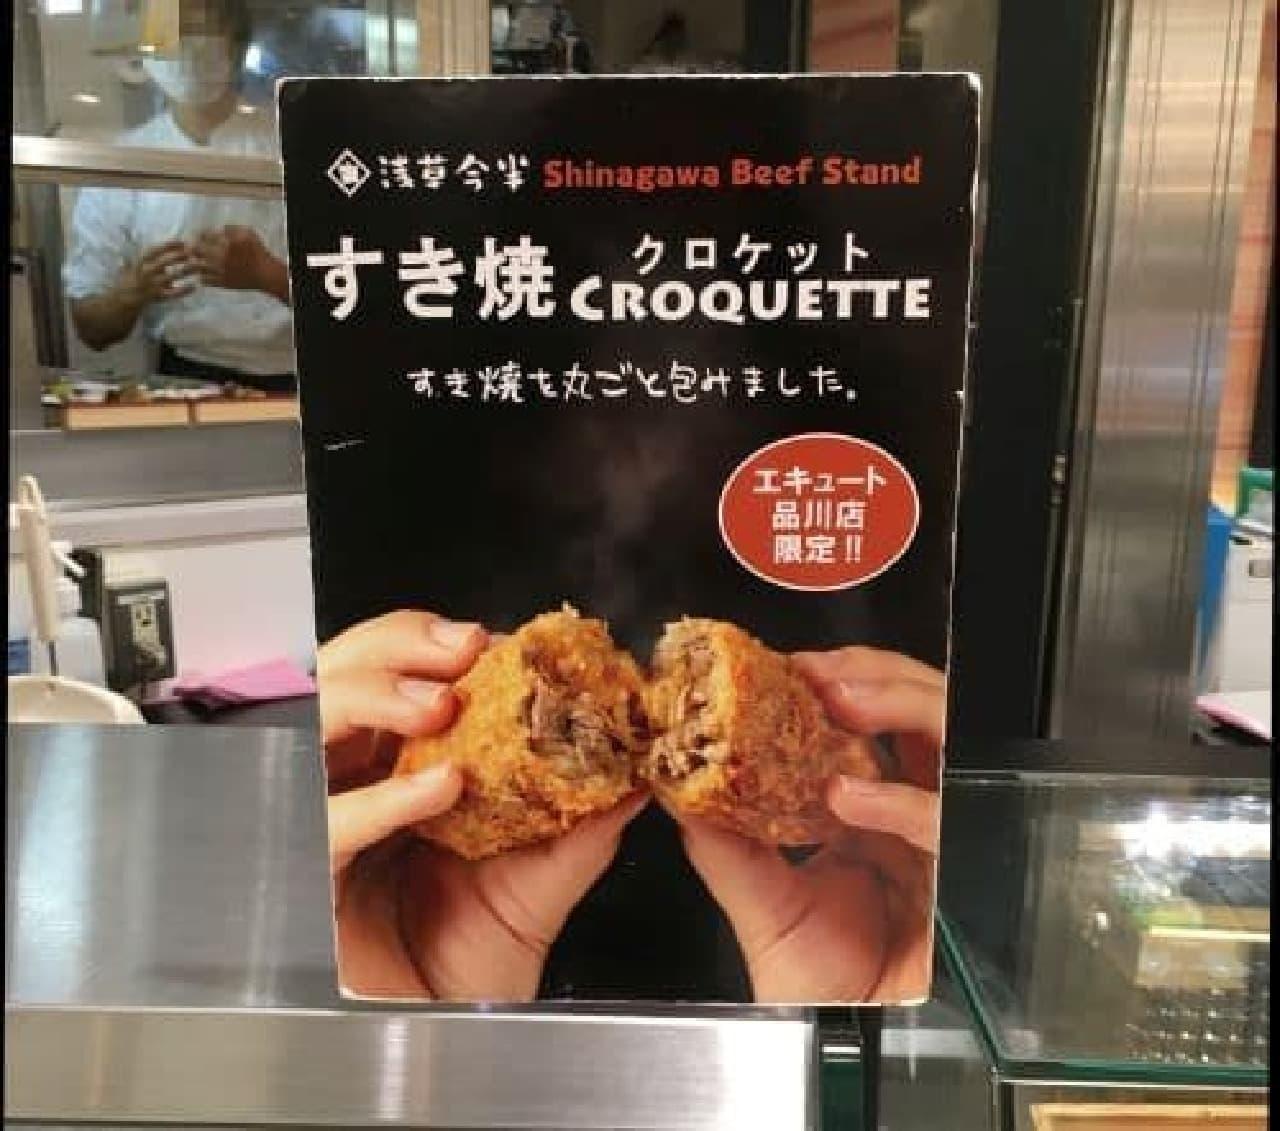 浅草今半シナガワビーフスタンド「すき焼クロケット」